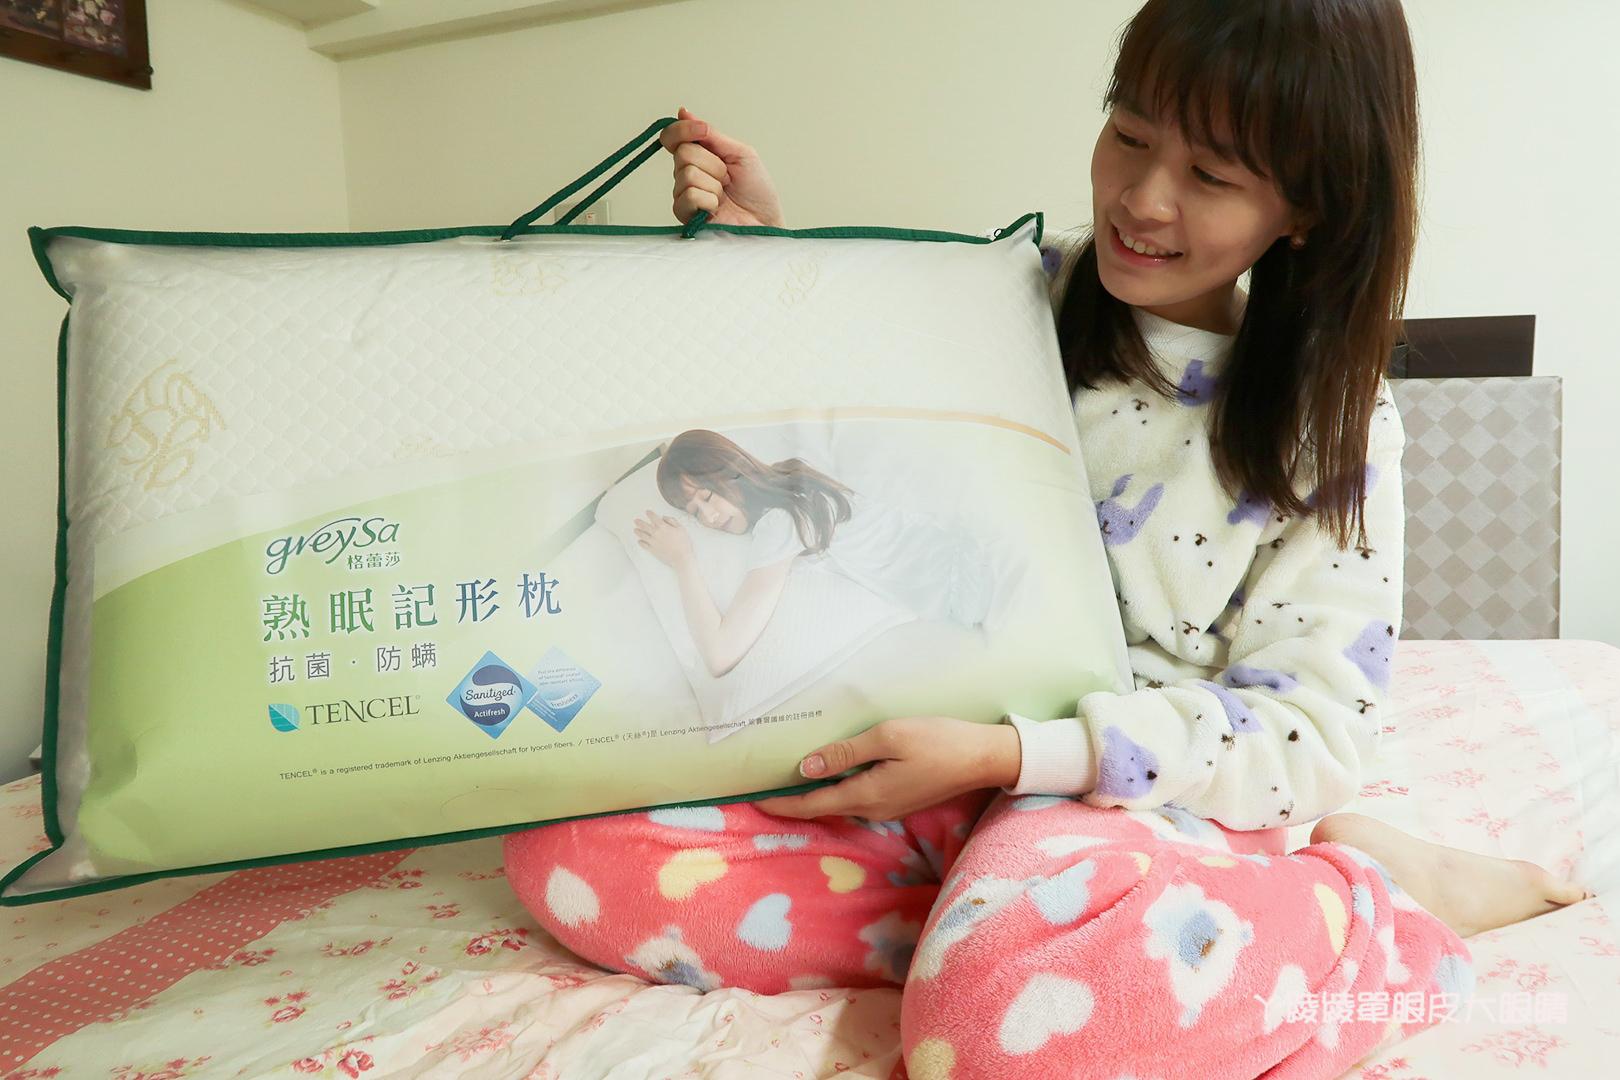 甜美的夢需要一顆好枕頭 GreySa格蕾莎,熟眠記形枕